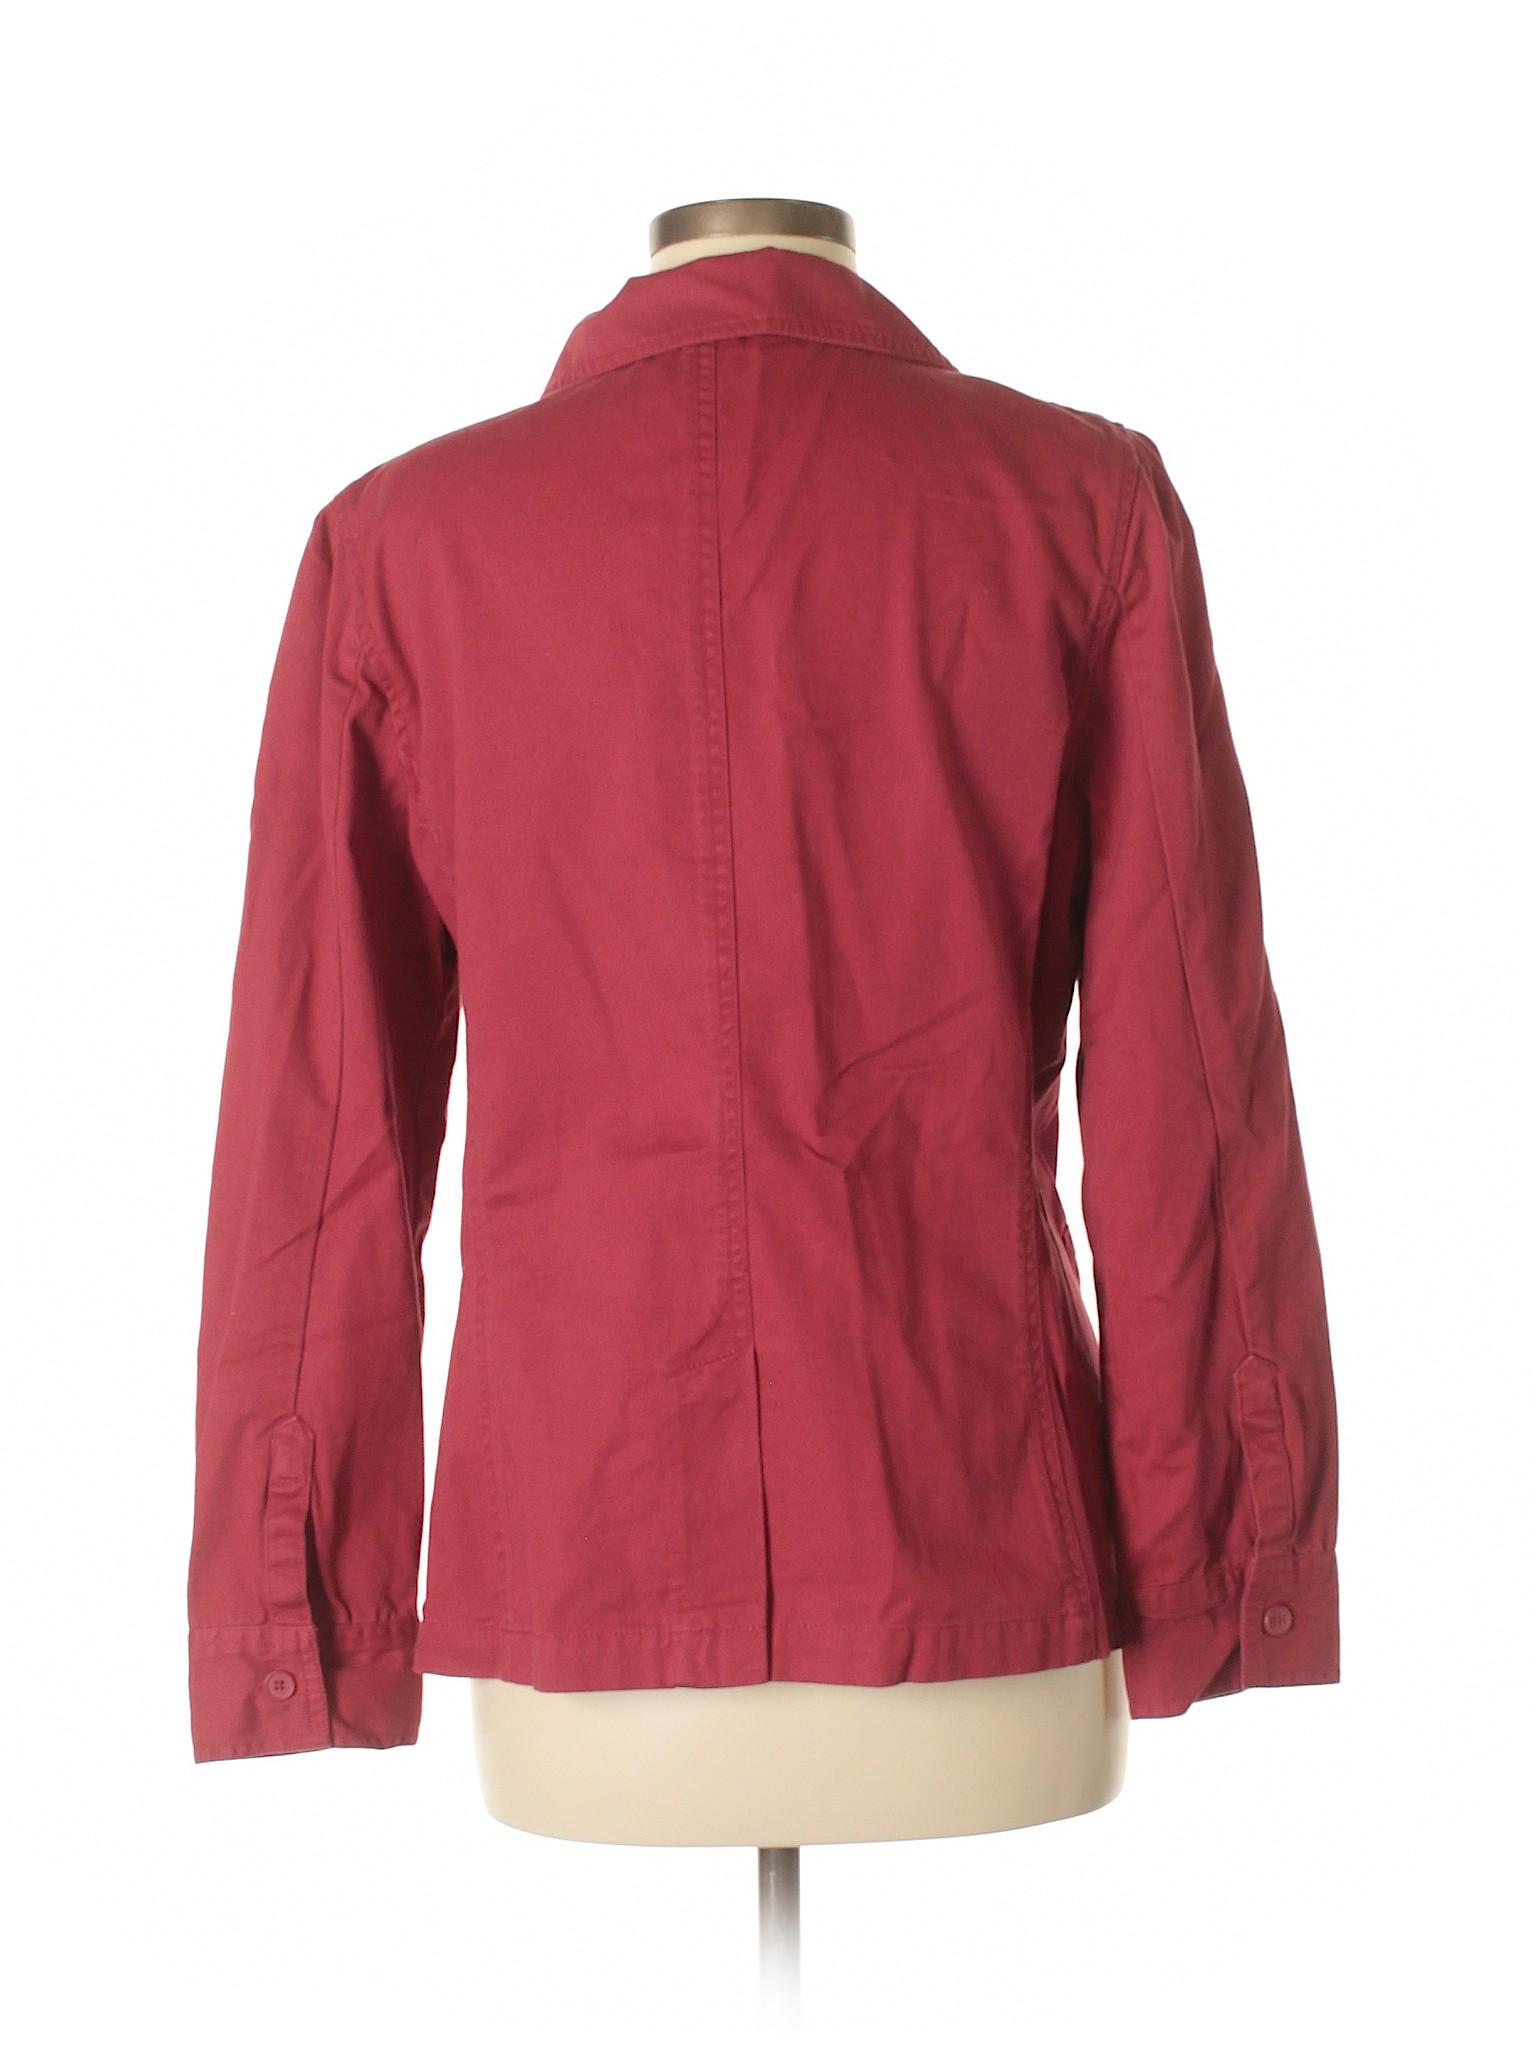 Jacket leisure leisure Boutique Jacket Boutique CAbi CAbi x60nqPZ